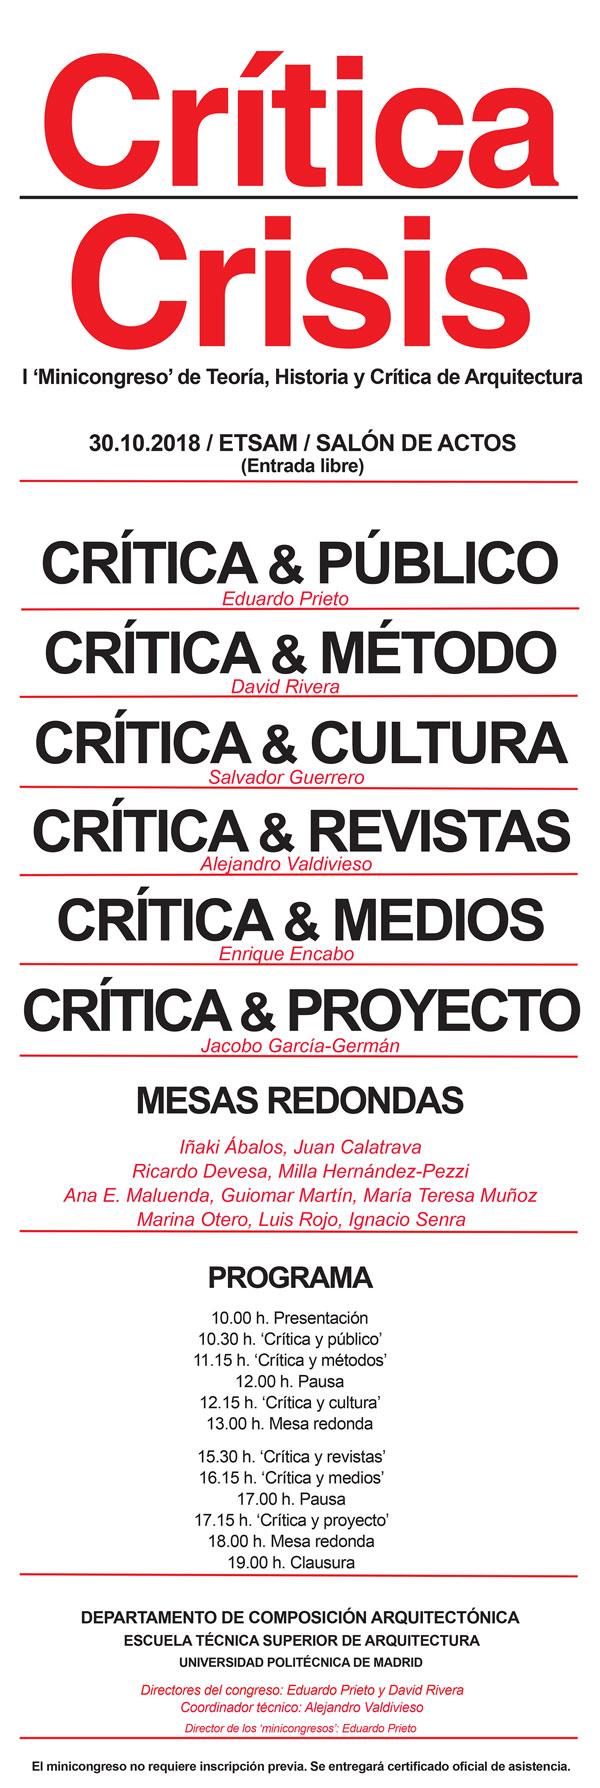 critica crisis